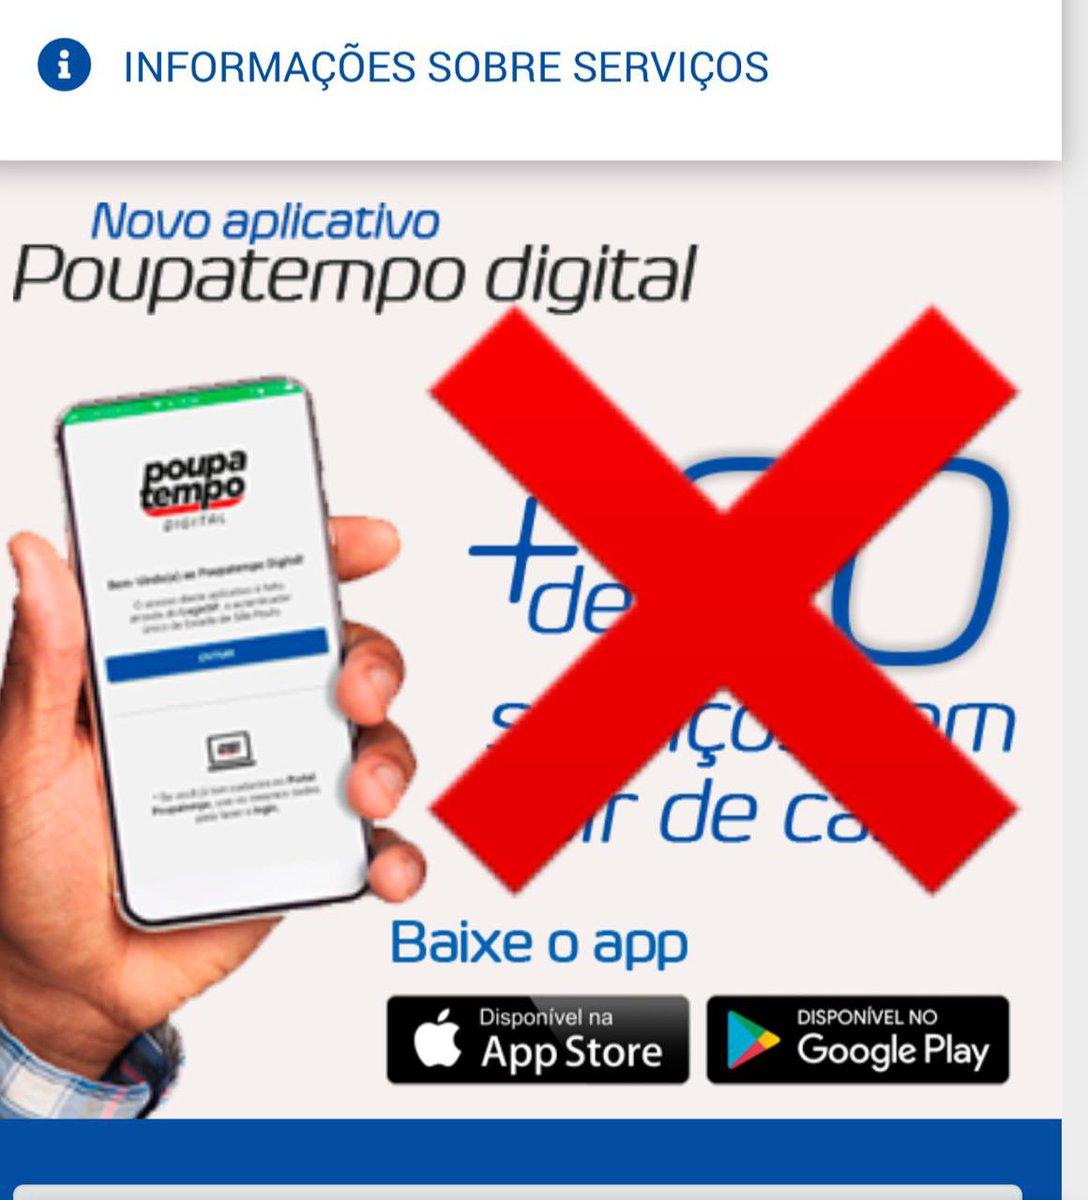 ALGUÉM CONSEGUINDO MARCAR SERVIÇOS @DetranSP NO @poupatemposp ?? 🤔  FAV - ❤️ #SIM  RT - 🔄 #NÃO   #DetranSP #PoupaTempoSP https://t.co/mzs5SchxXg